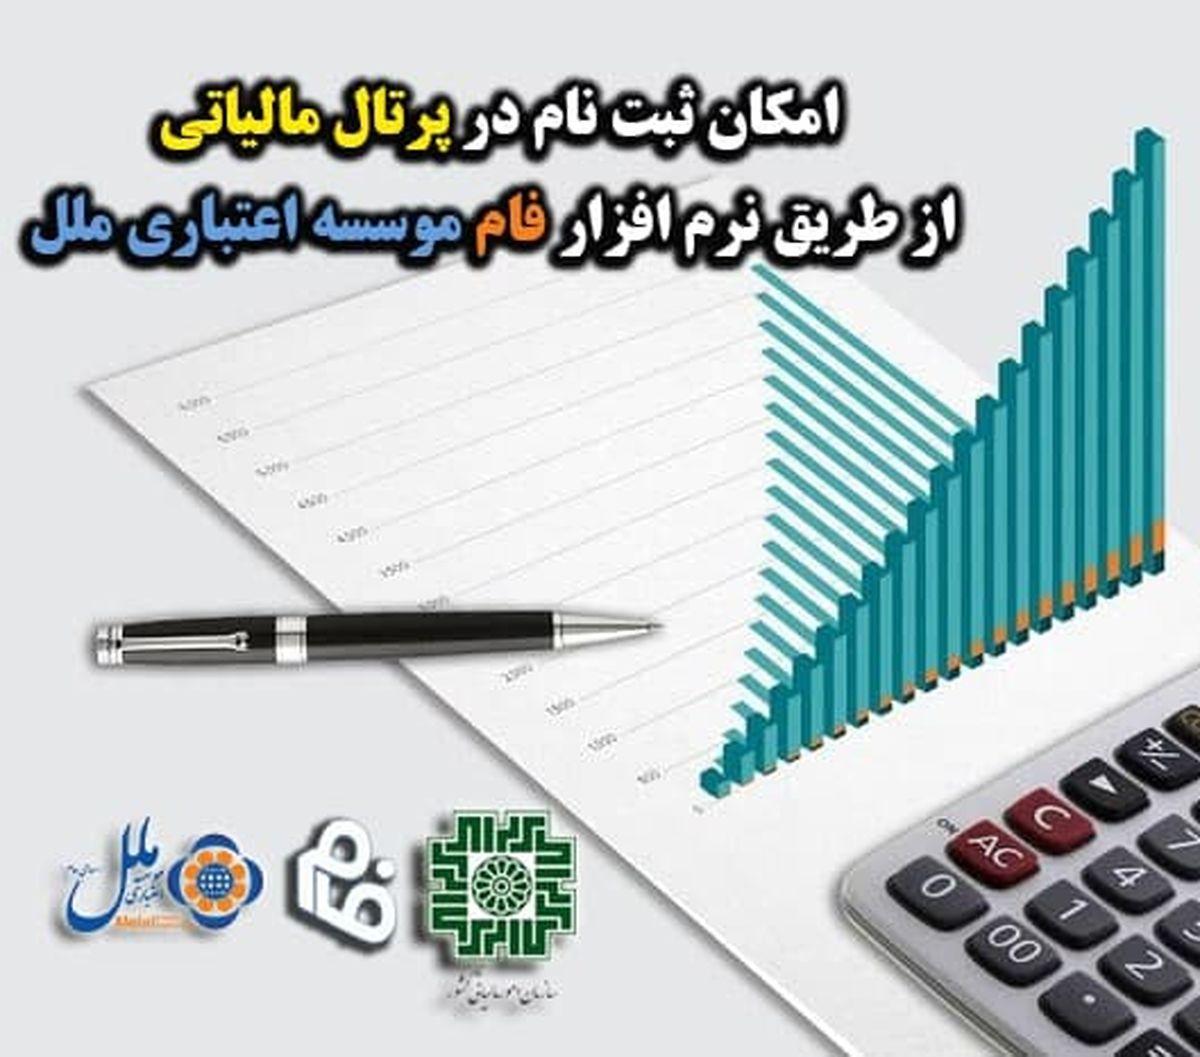 امکان ثبت نام در پرتال مالیاتی از طریق نرم افزار فام موسسه ملل